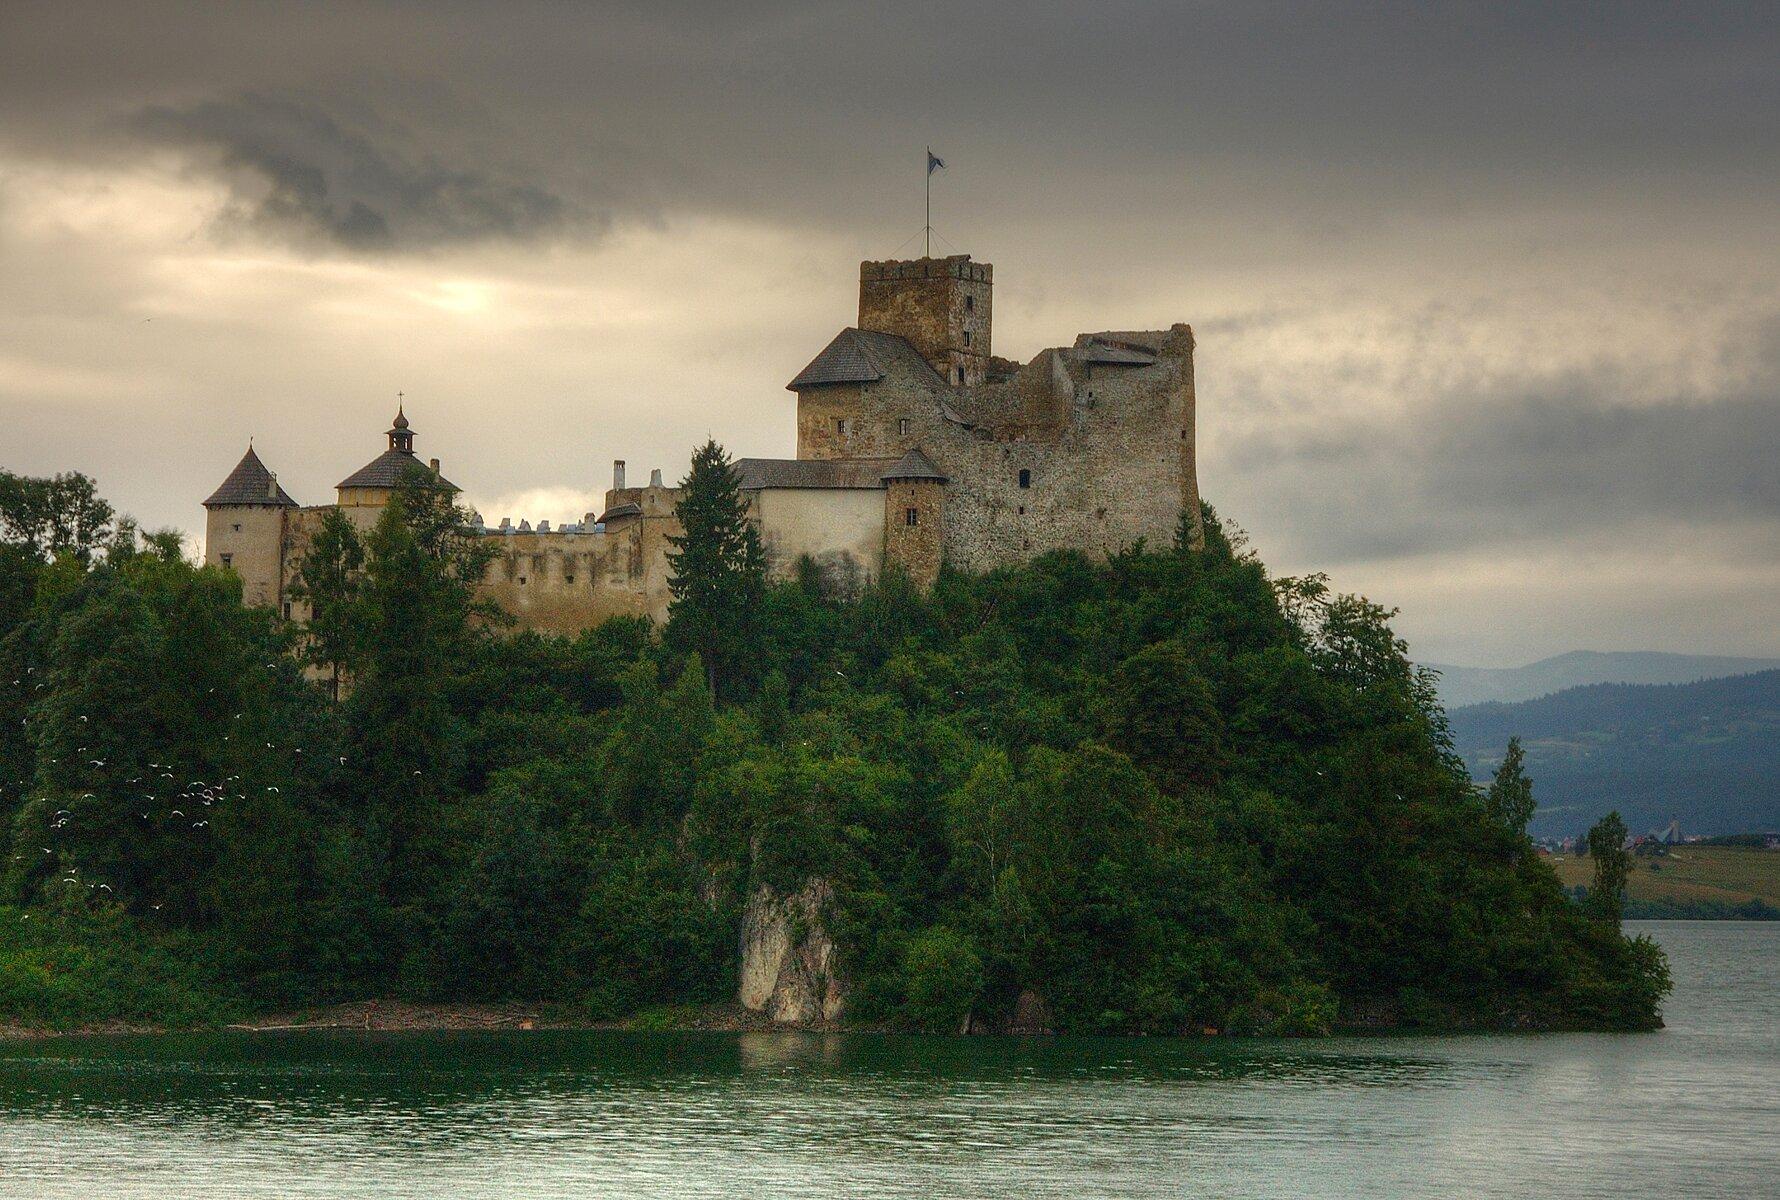 Zamek wNiedzicy Zamek wNiedzicy Źródło: Łukasz Śmigasiewicz, licencja: CC BY-SA 3.0.